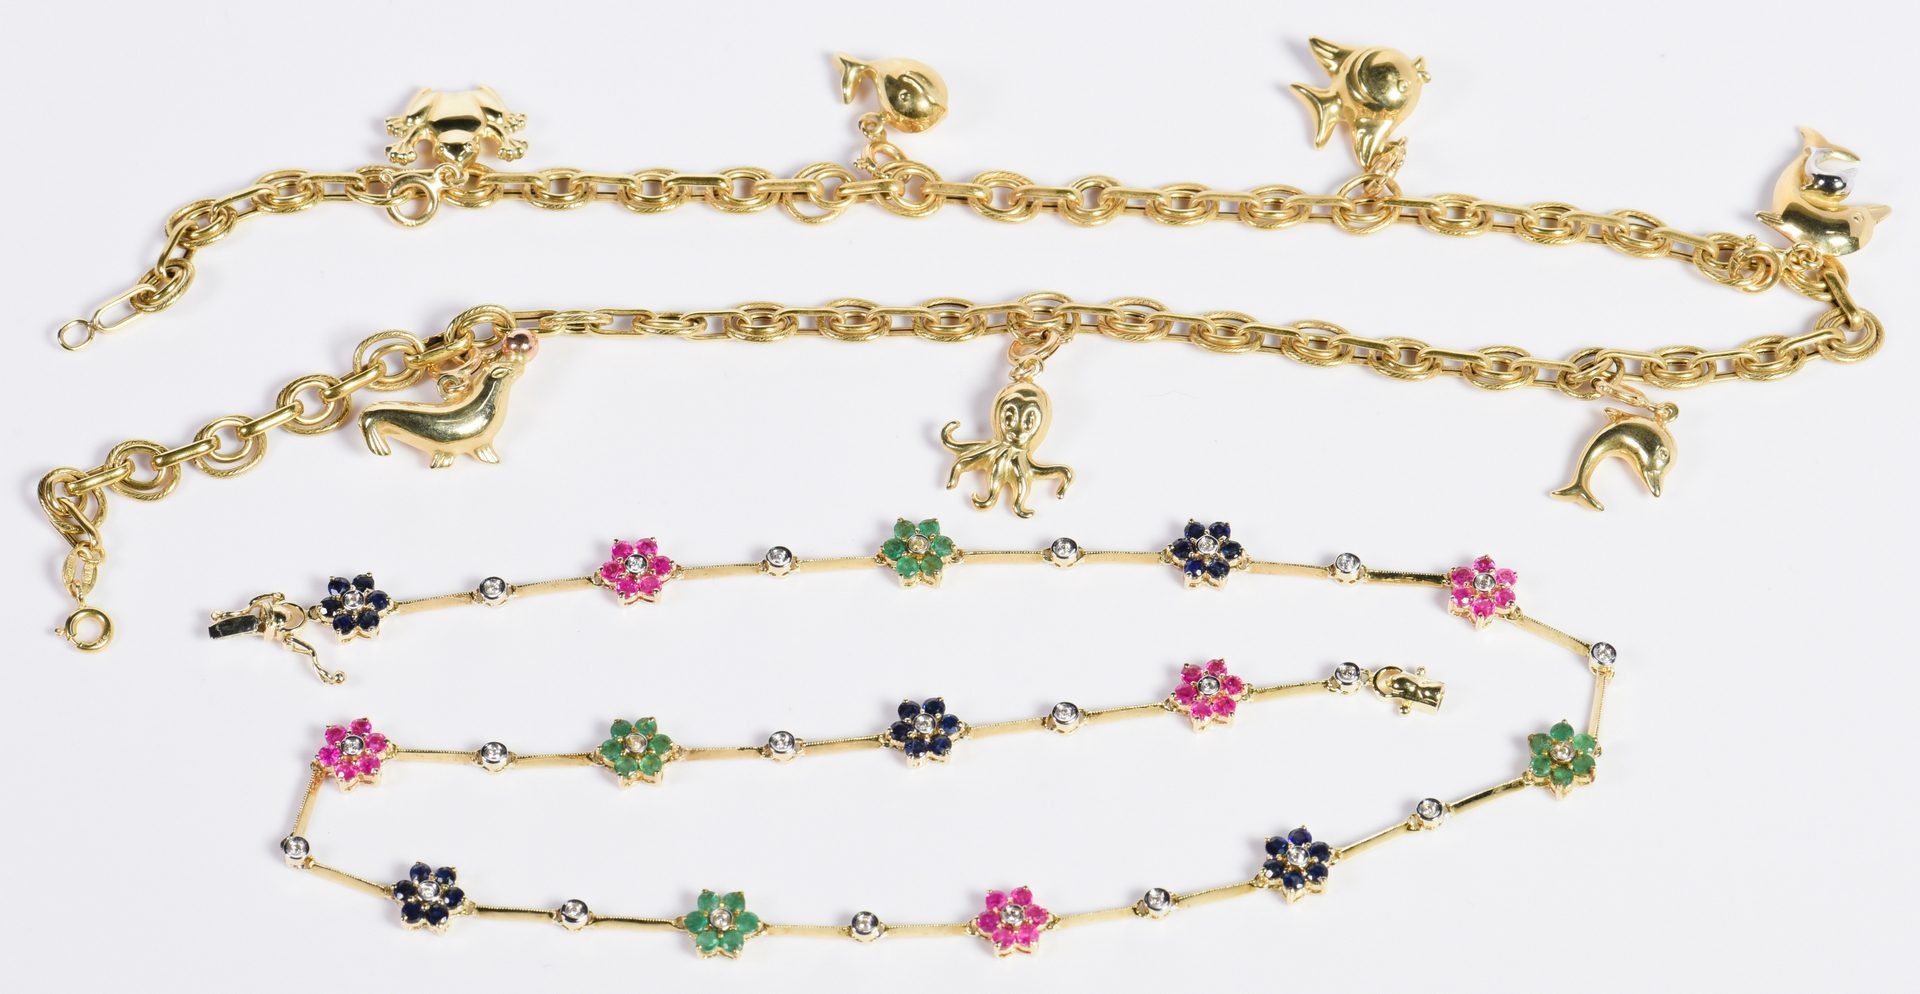 Lot 5: 2 14K Theme Necklaces